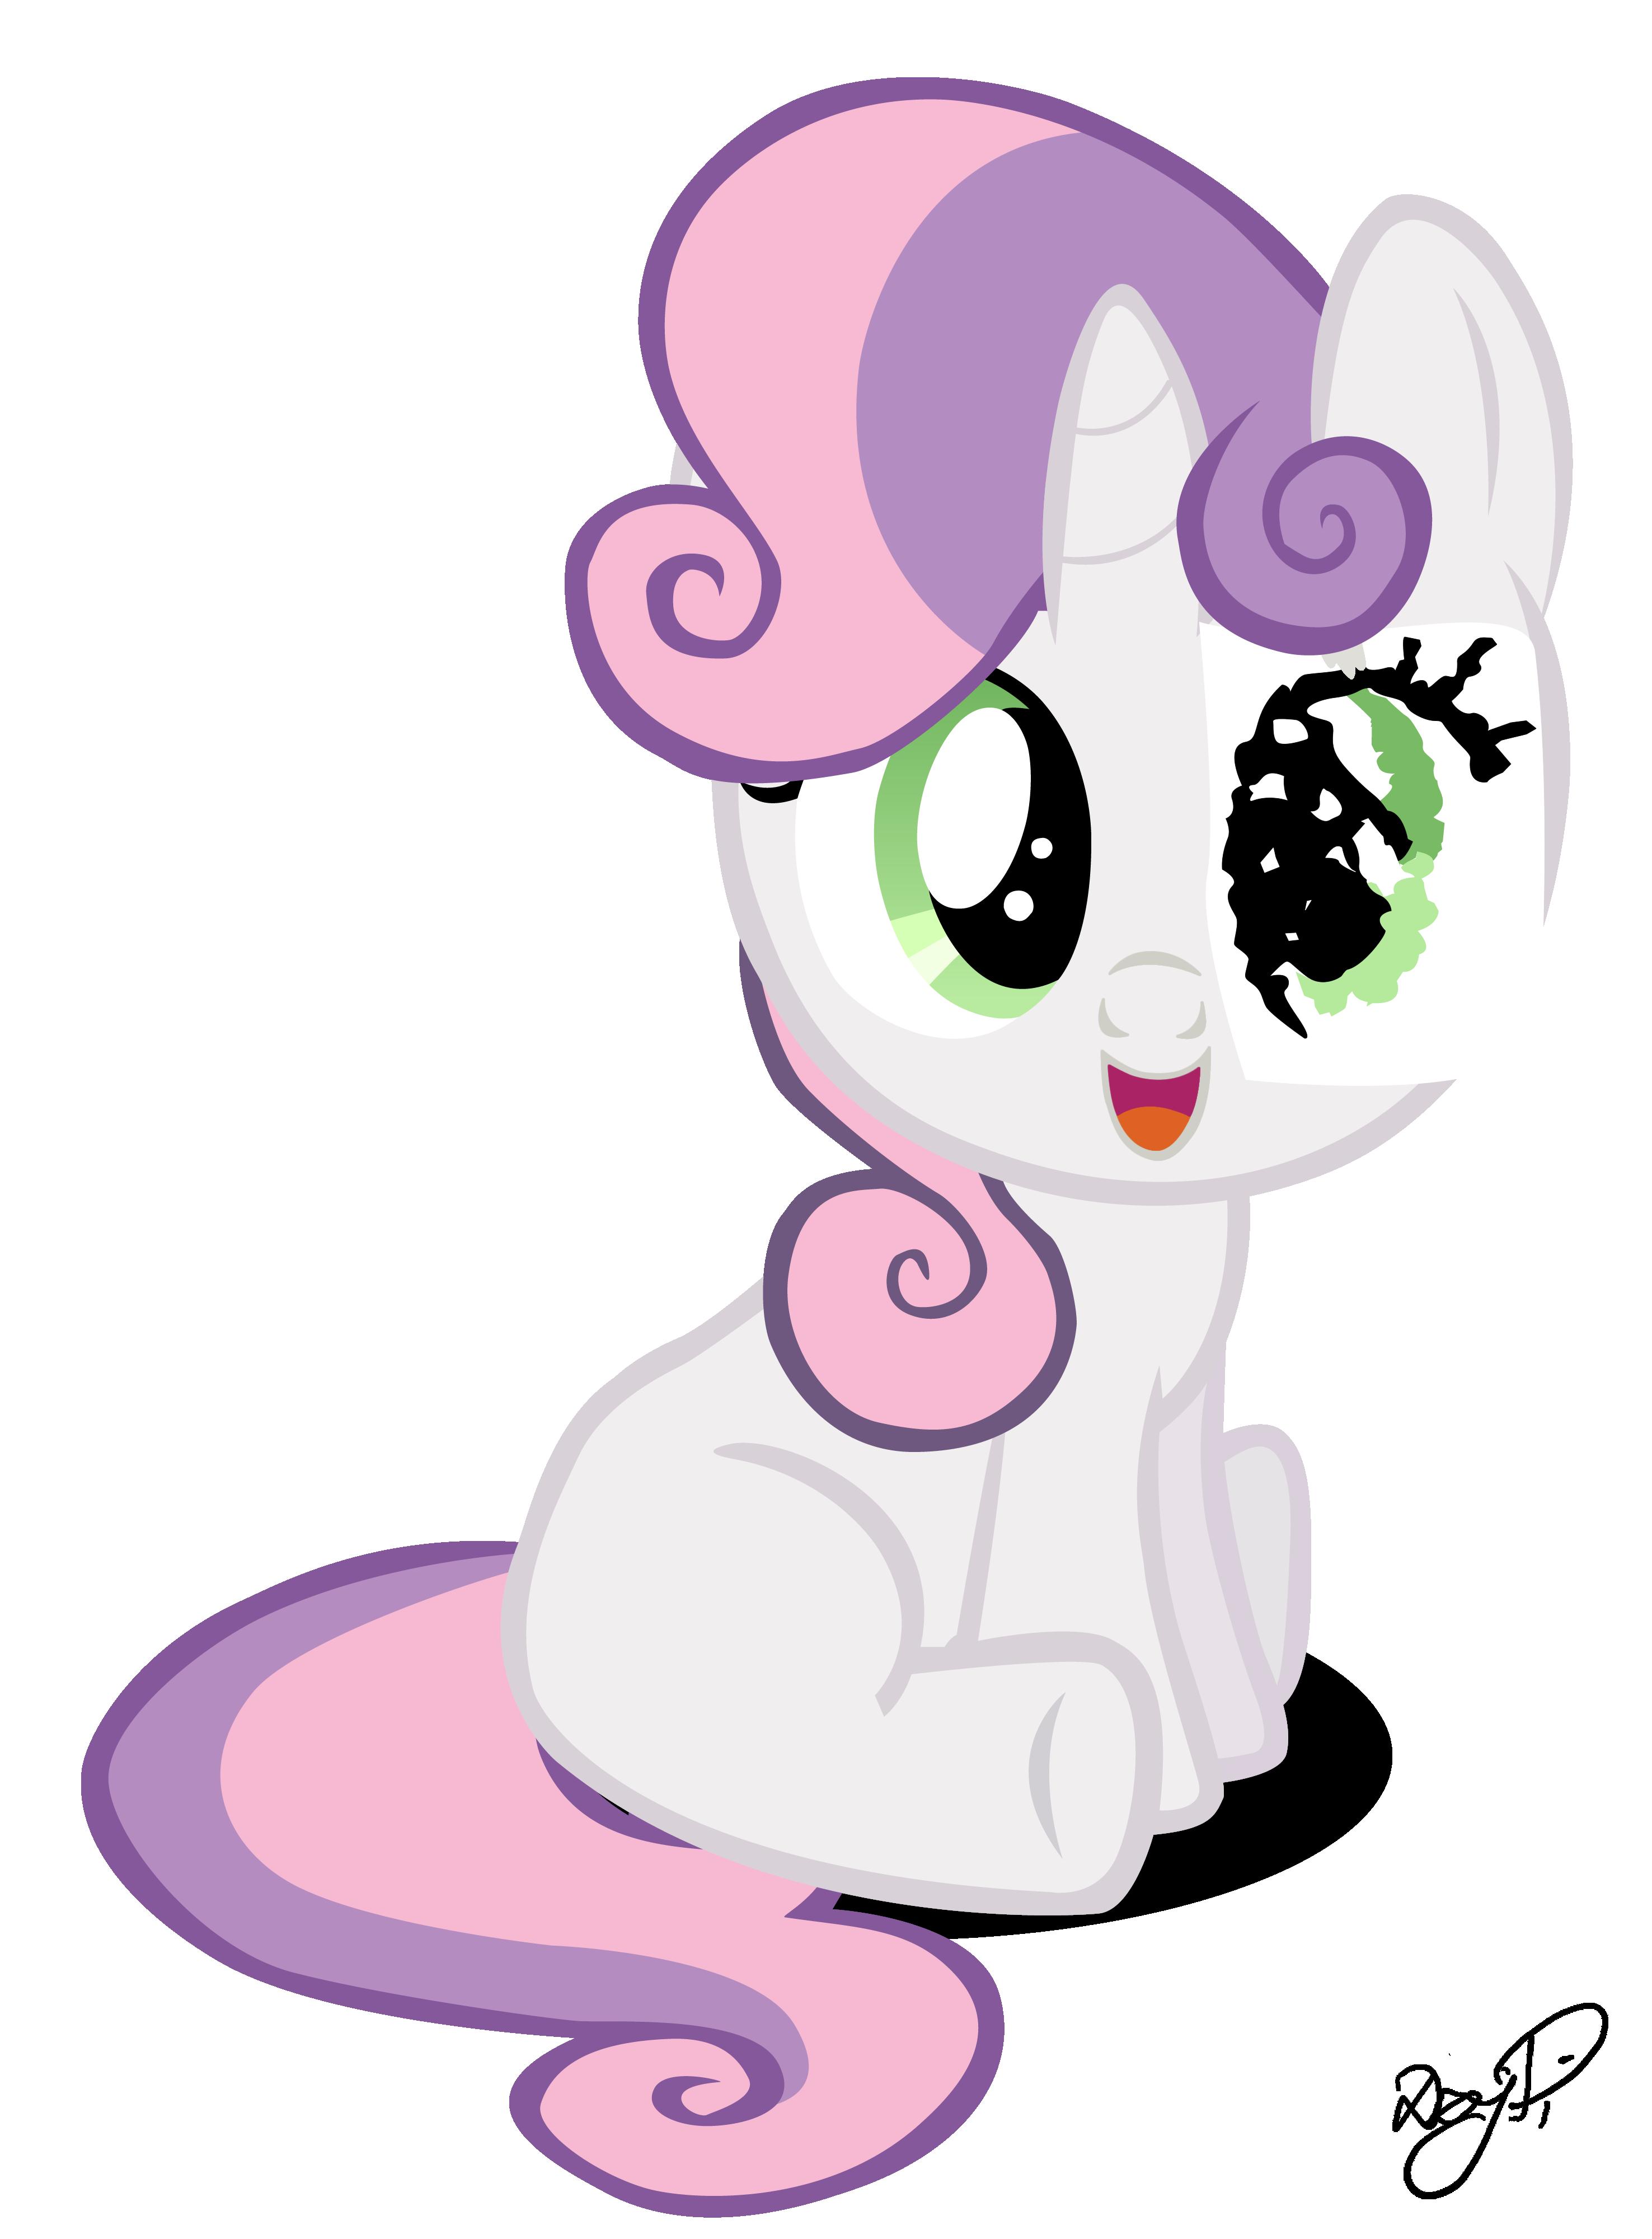 Sweetie Belle with paper eye by DzejPi